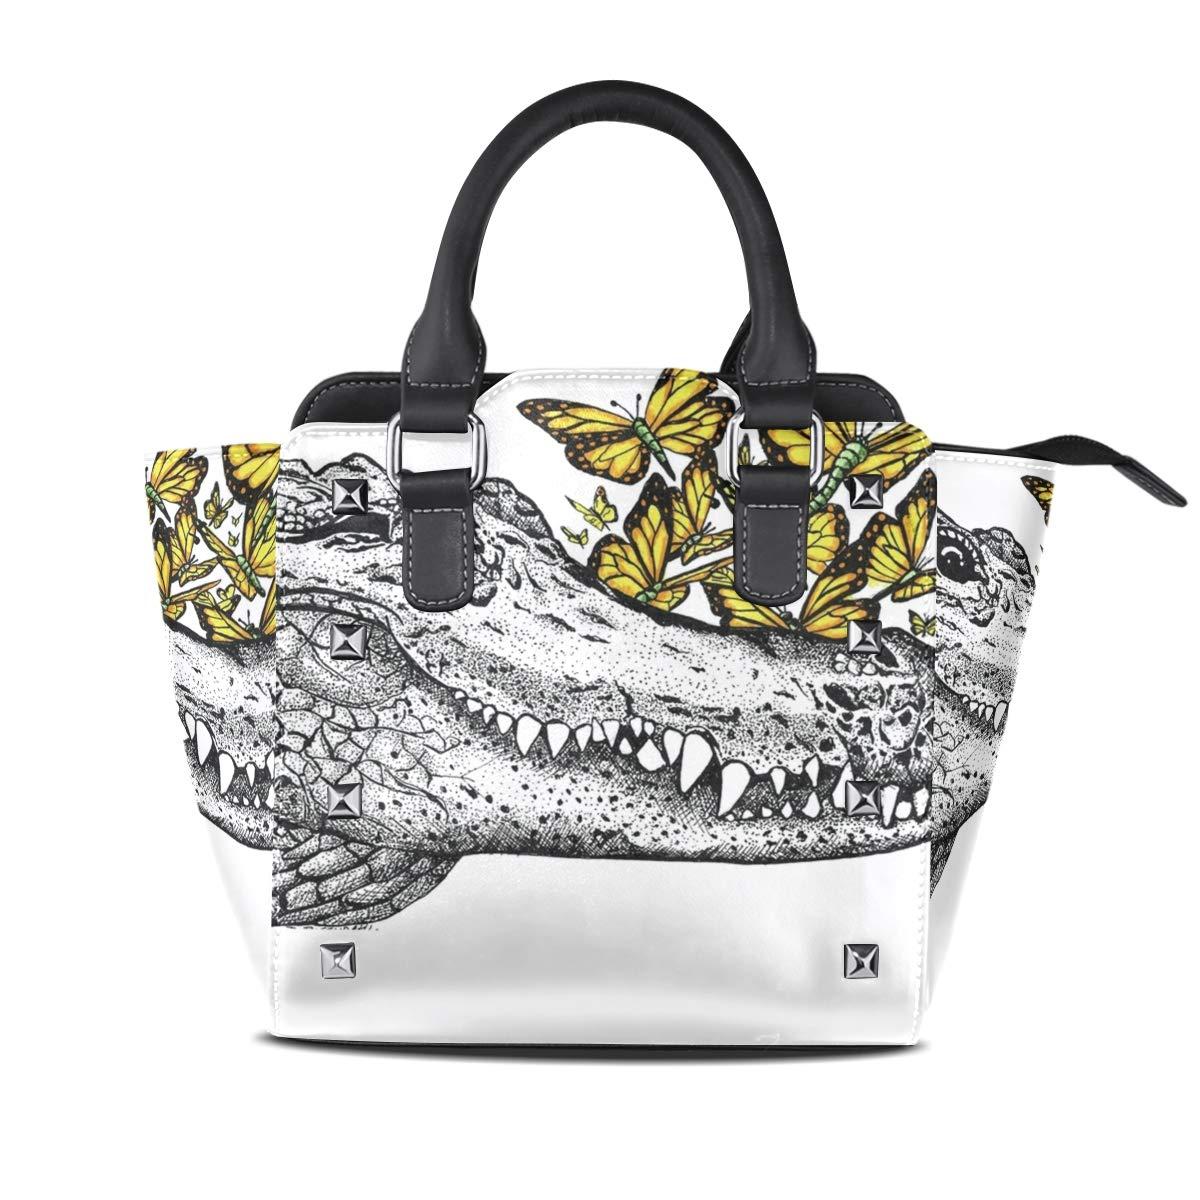 Design2 Handbag Charming Deer Genuine Leather Tote Rivet Bag Shoulder Strap Top Handle Women